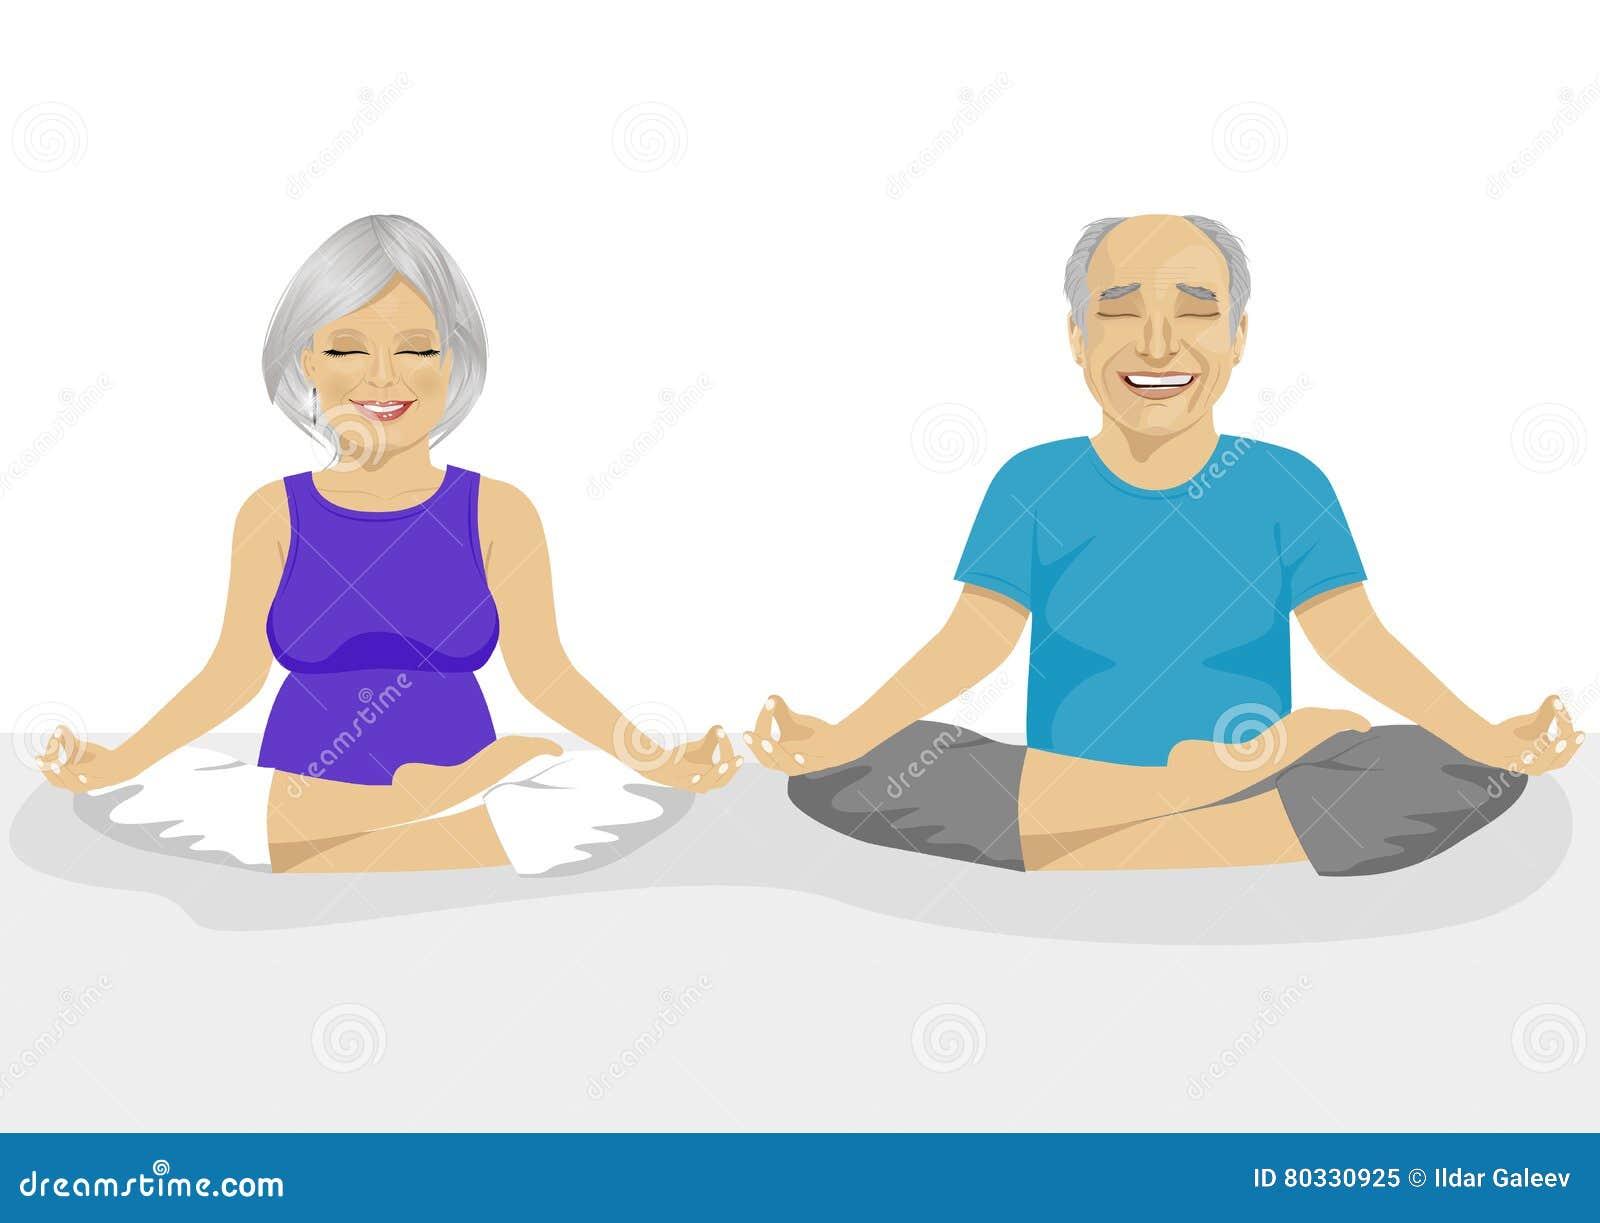 Znalezione obrazy dla zapytania Joga - harmonia umysłu i ciała